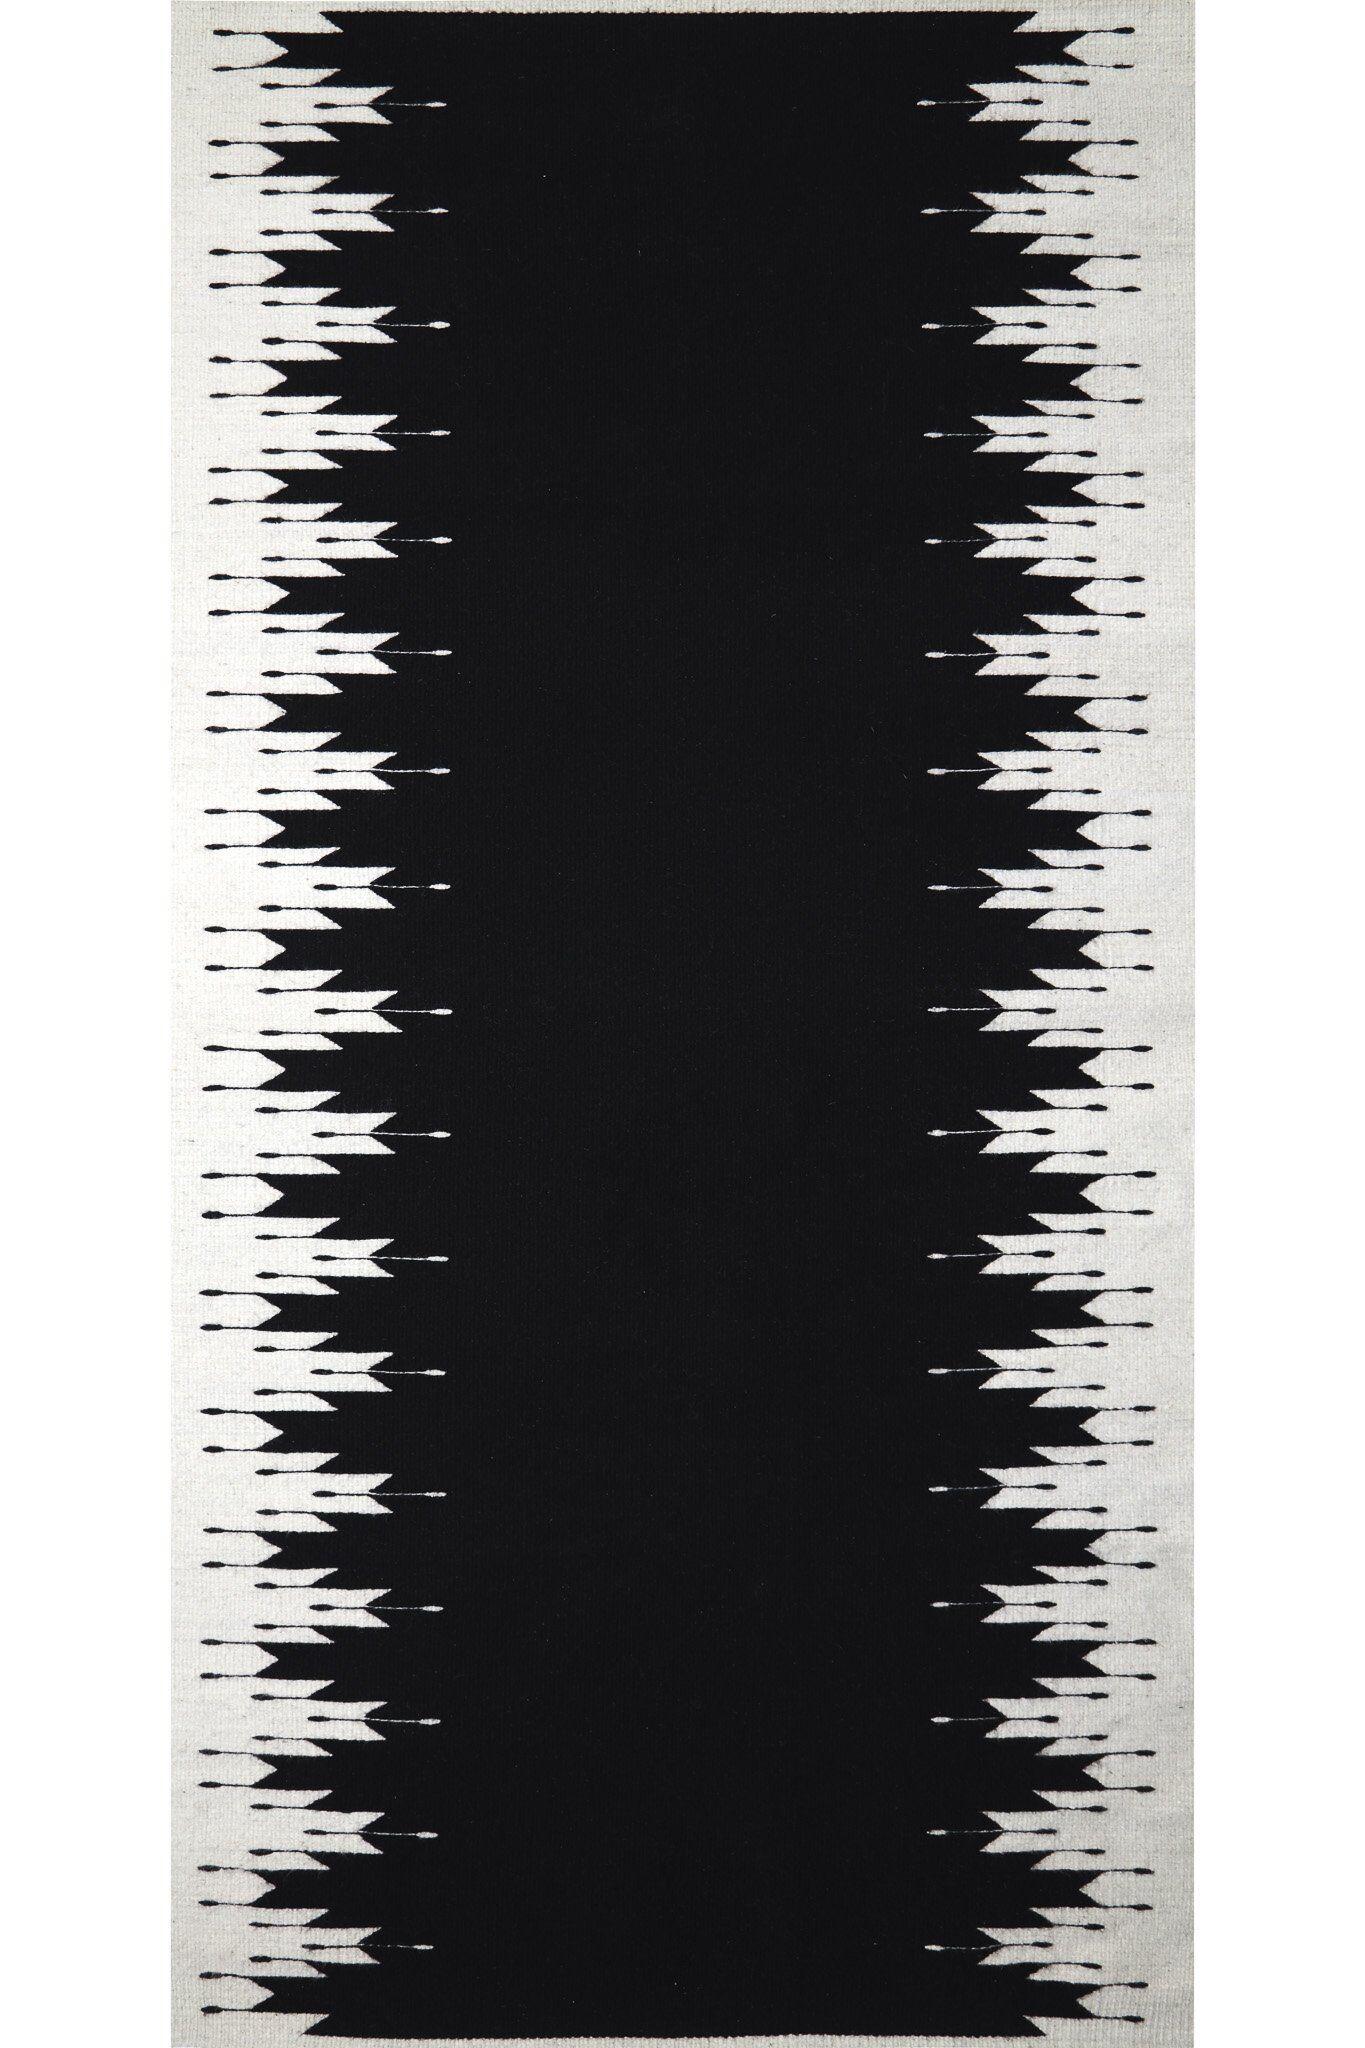 Coutume Tapis mexicain en laine et teintures naturelles noir et blanc 100x180